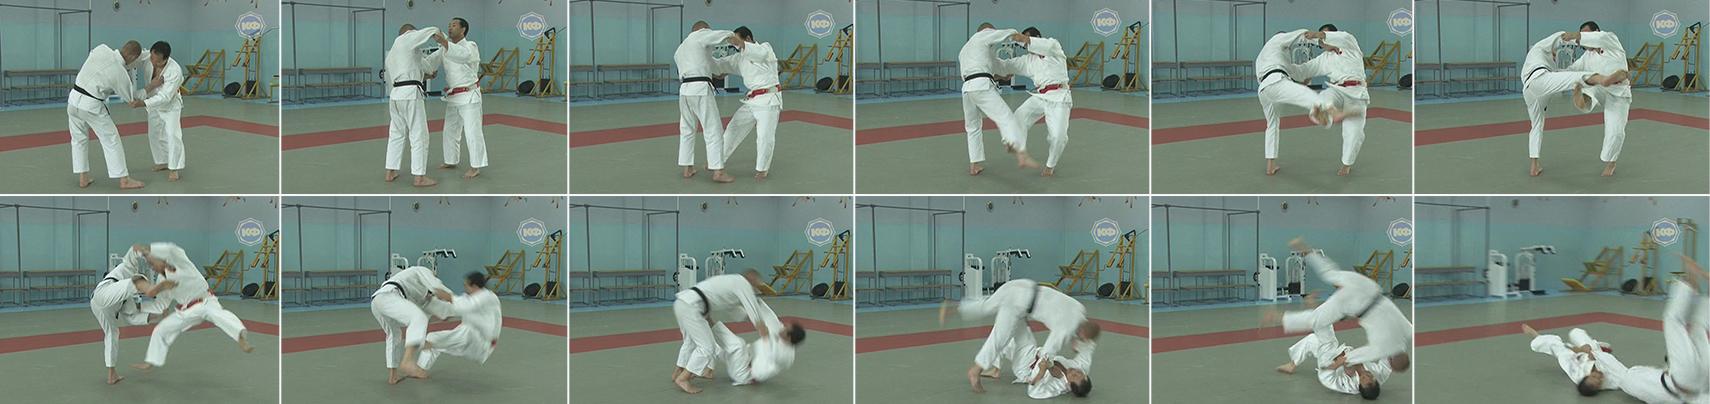 Бросок через голову (tomoe-nage). Выполняет Катсухико Кашивазаки.